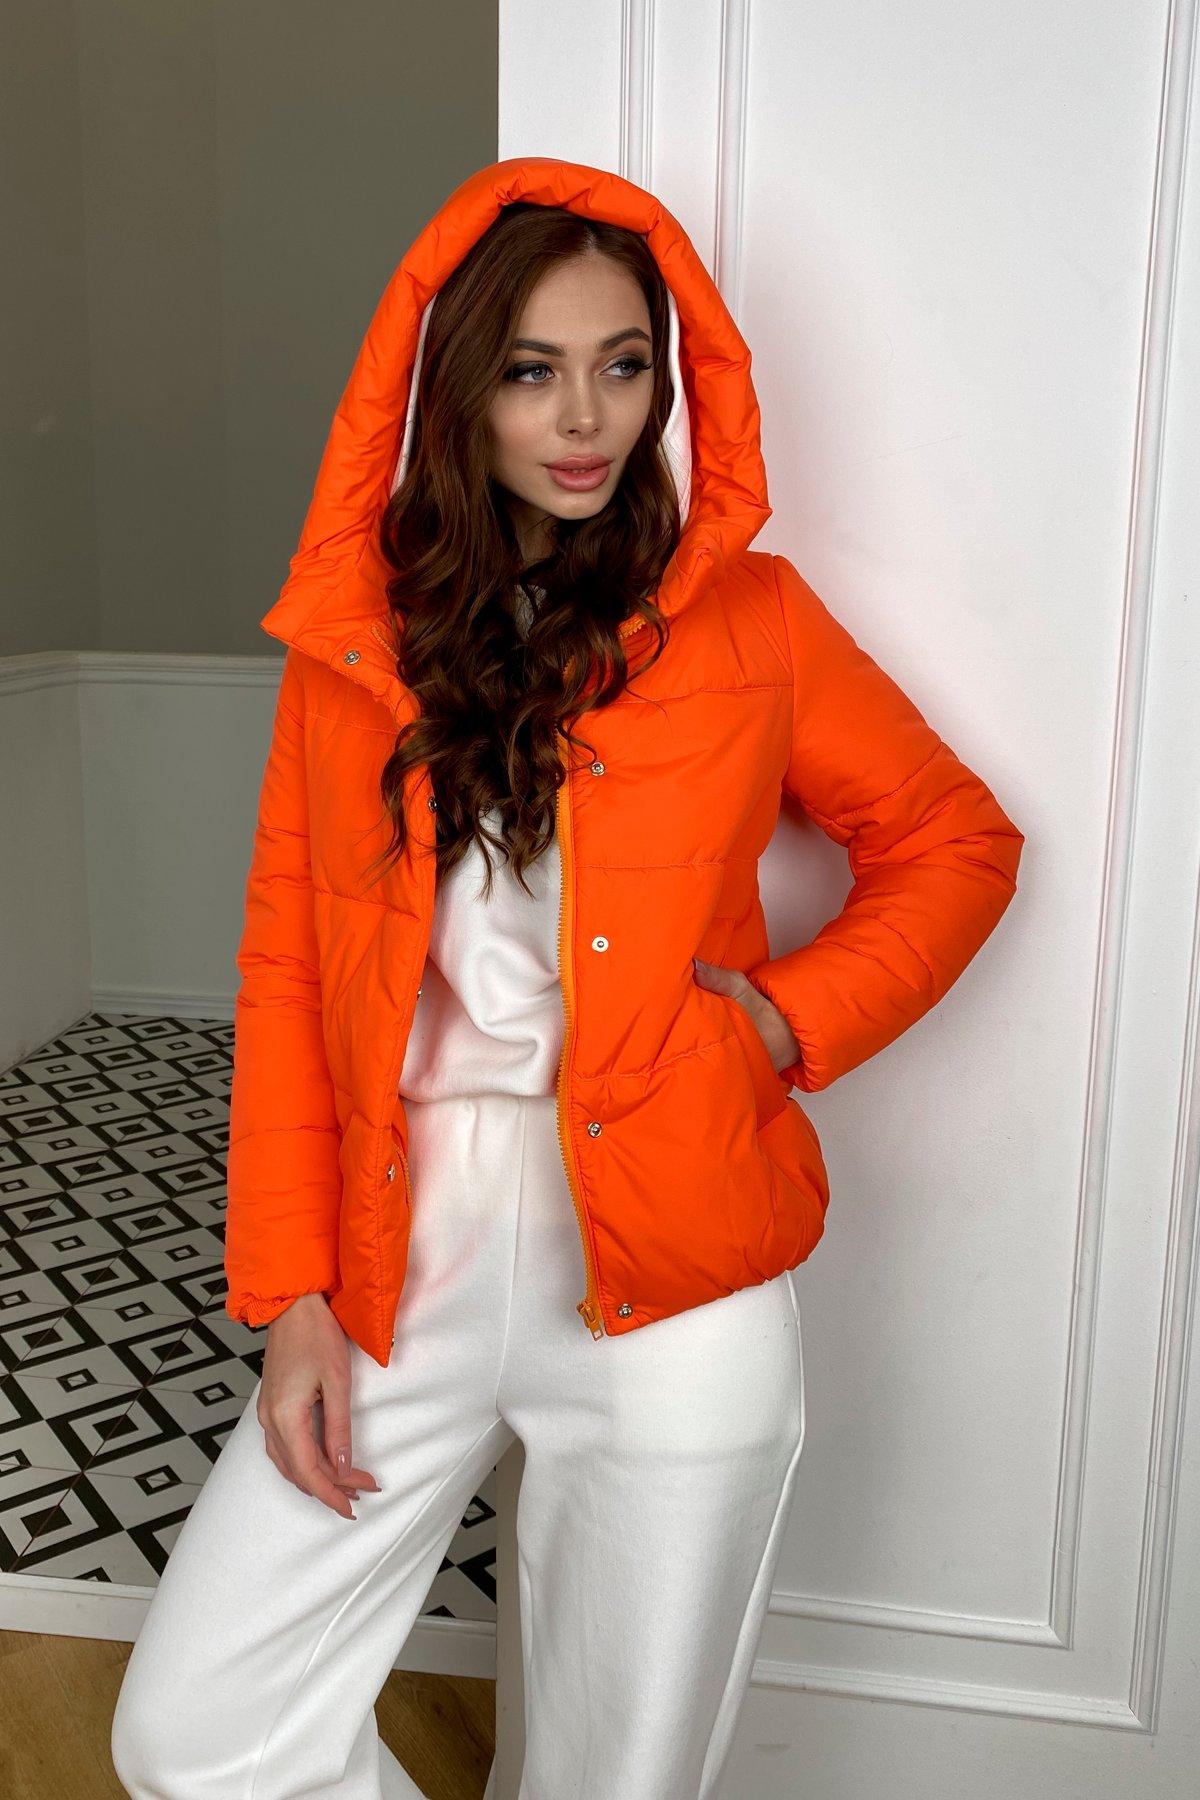 Рито  куртка из плащевой ткани Ammy  10443 АРТ. 46762 Цвет: Оранжевый 788 - фото 2, интернет магазин tm-modus.ru